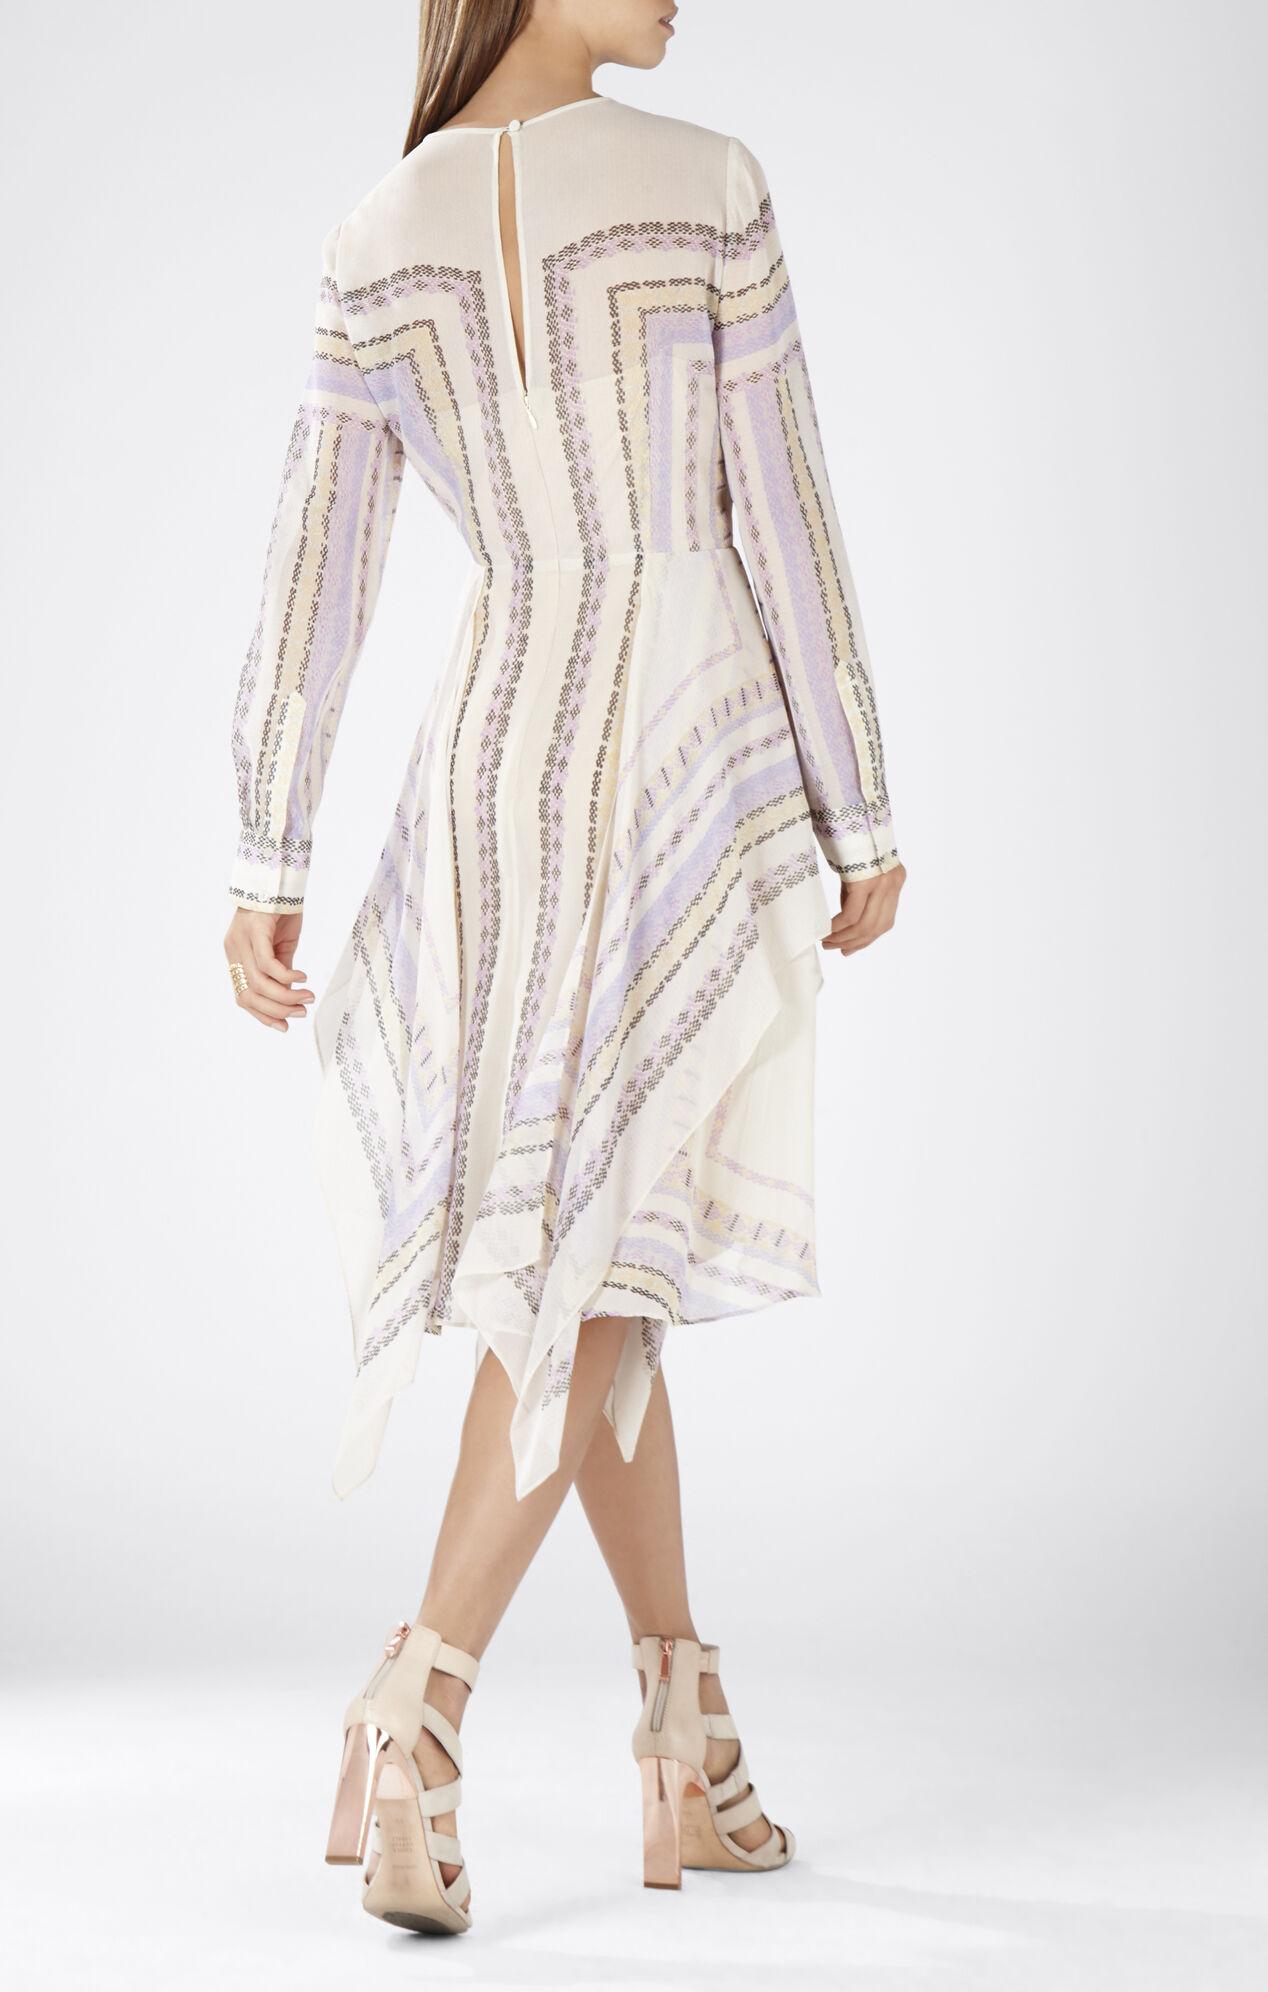 Briget Long-Sleeve Handkerchief Skirt Dress